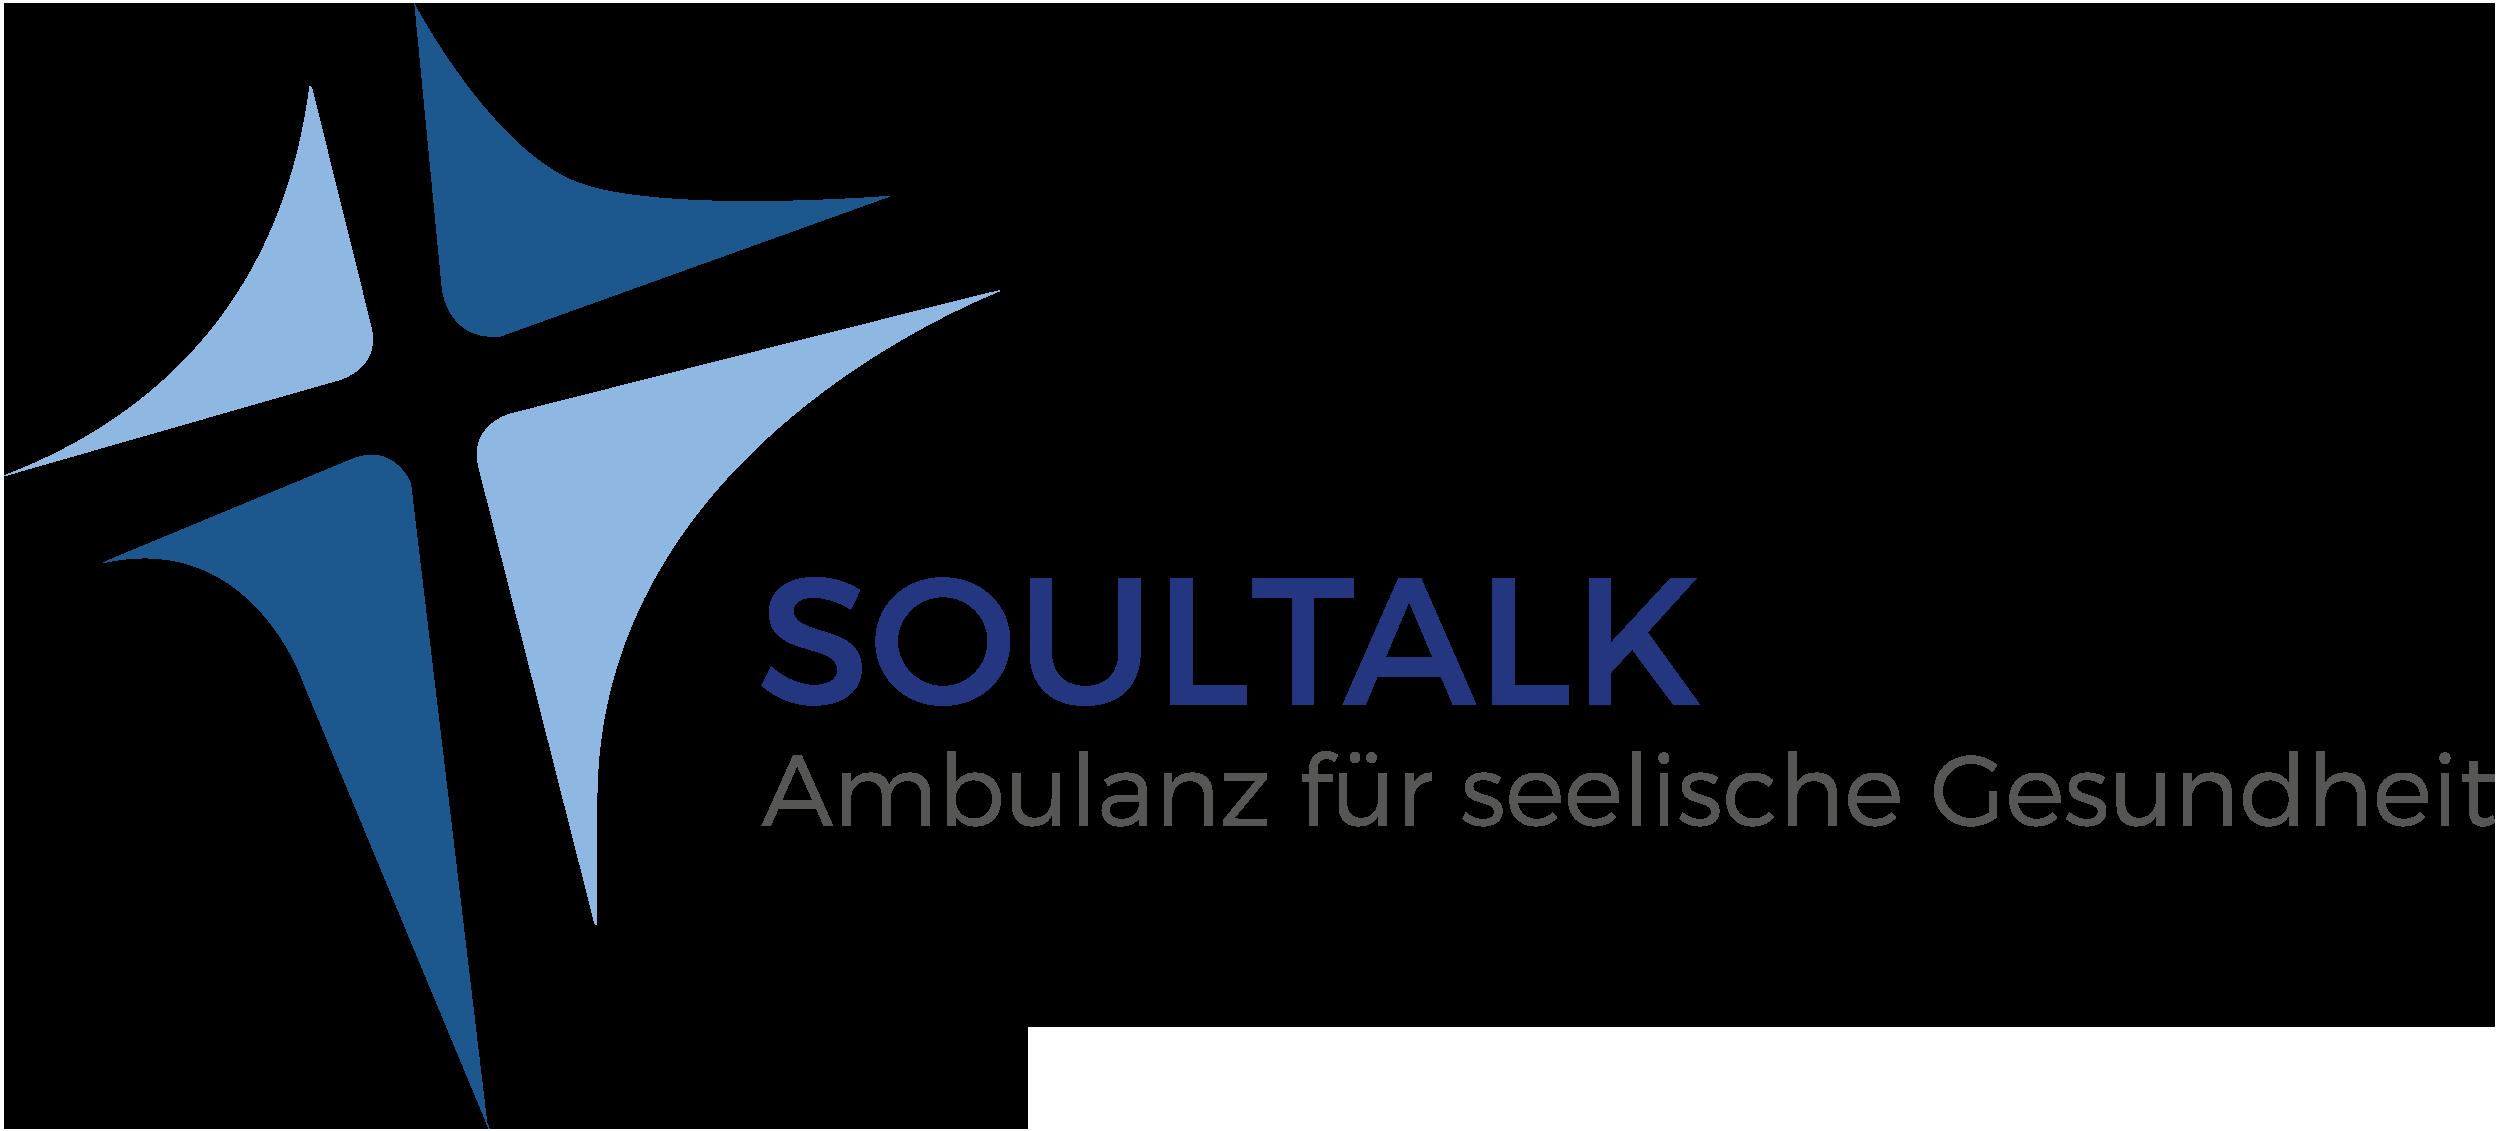 soultalk-logo-2-5.png